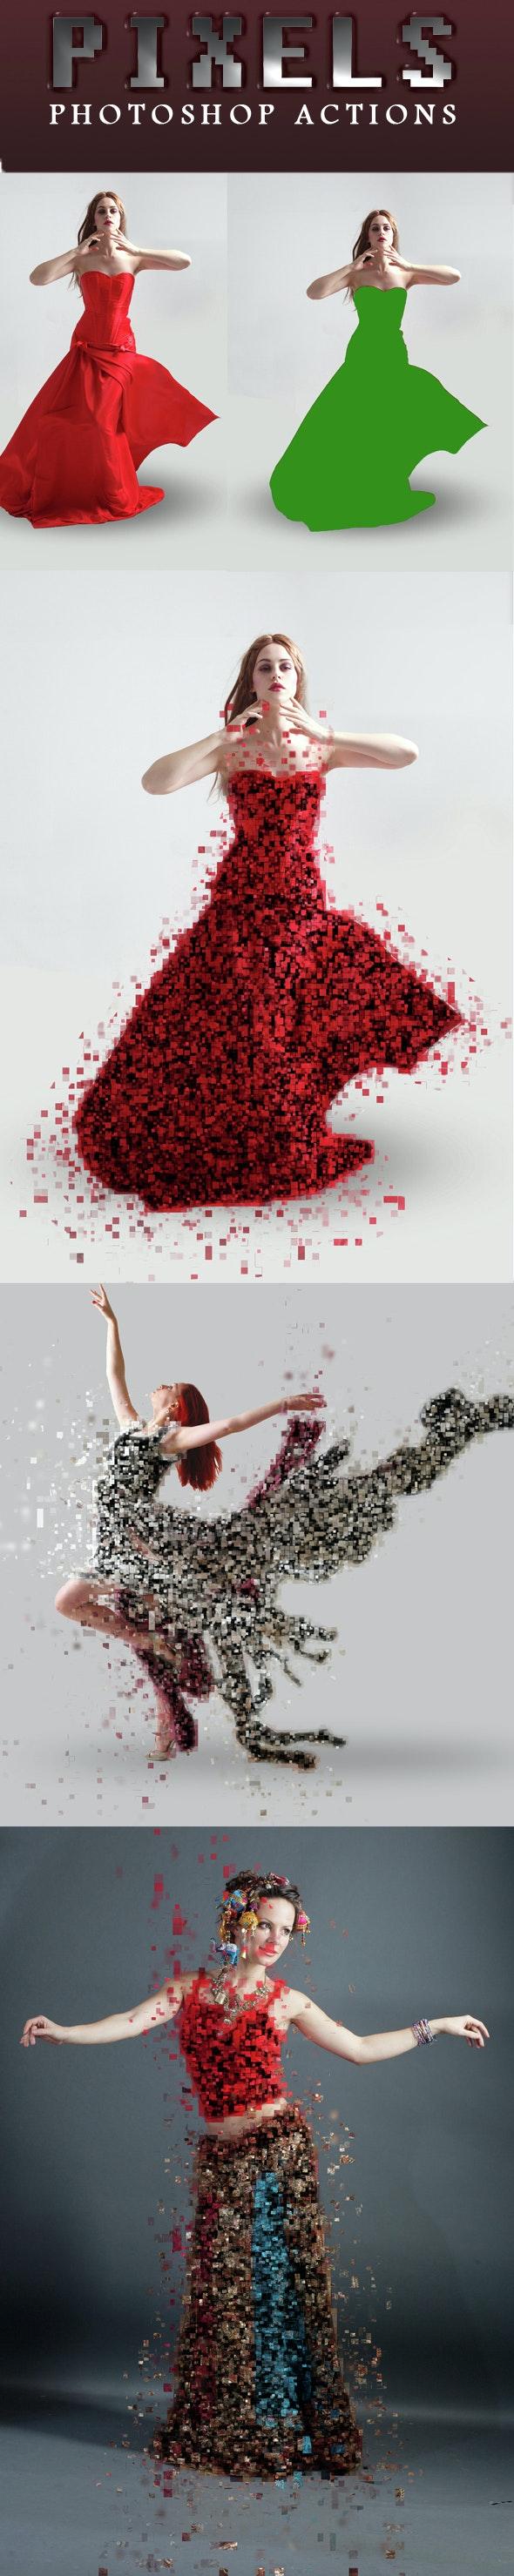 Pixels Photoshop Actions - Actions Photoshop